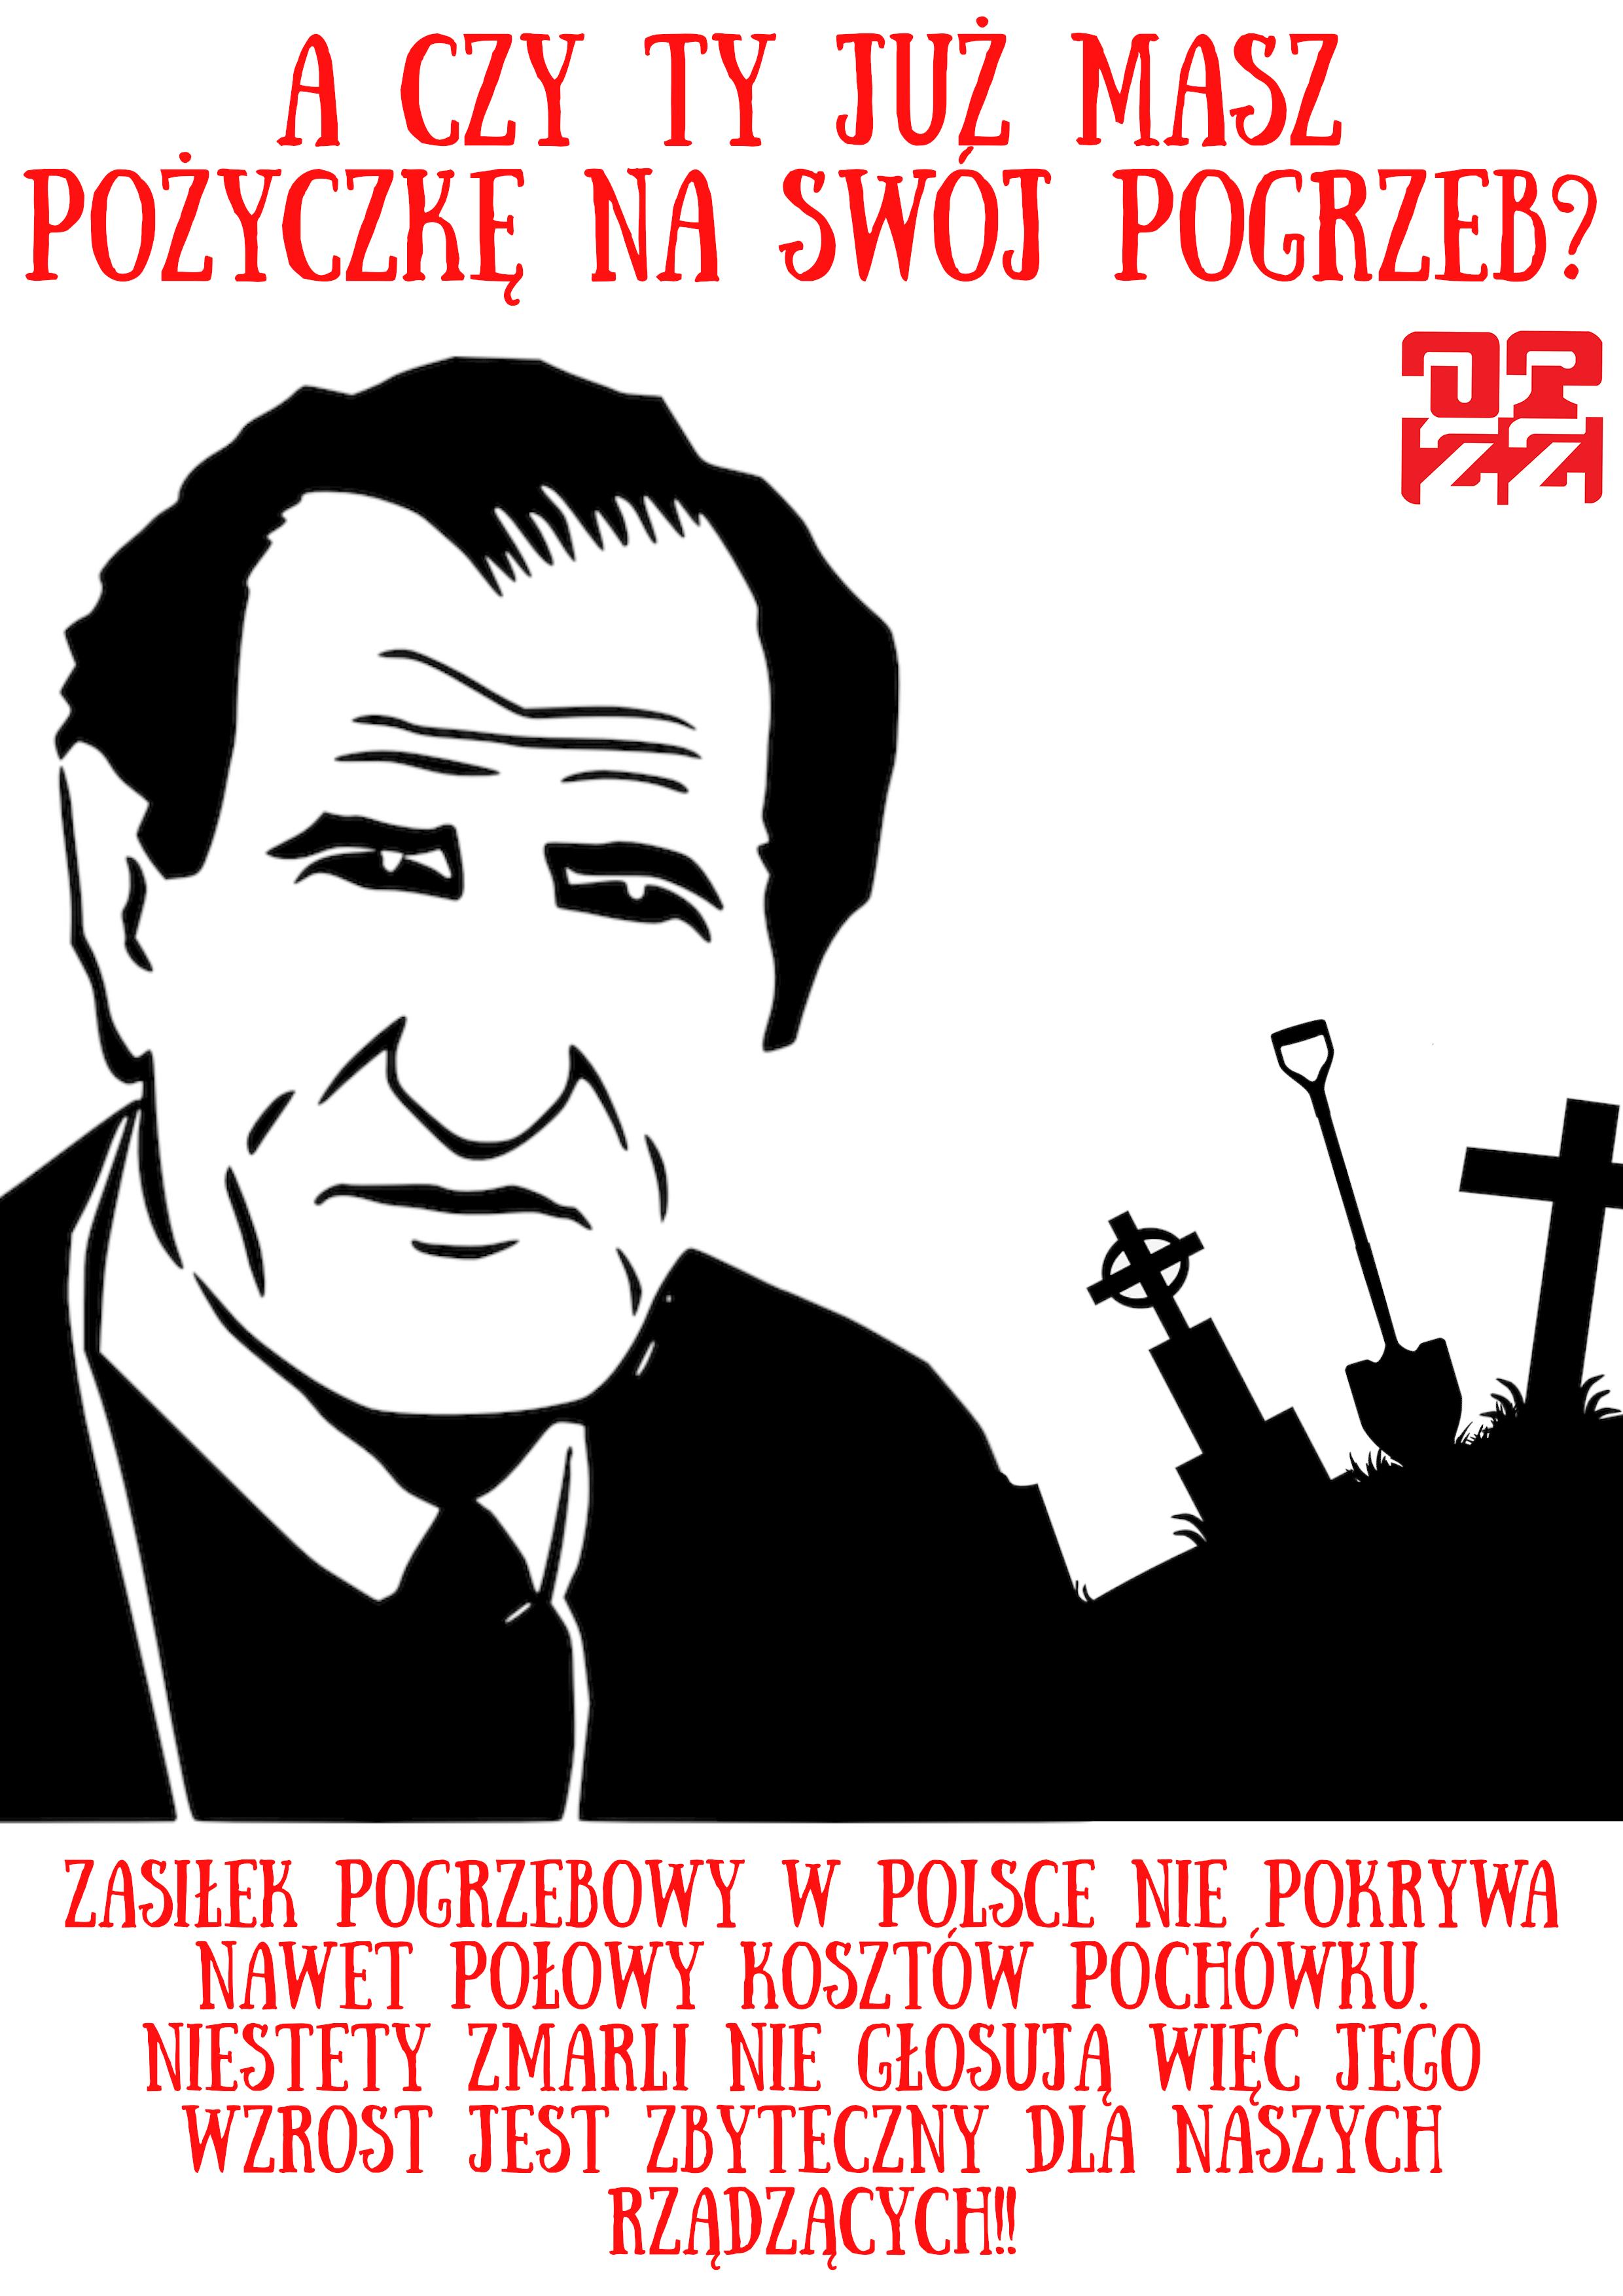 (źródło: opzz.org.pl)